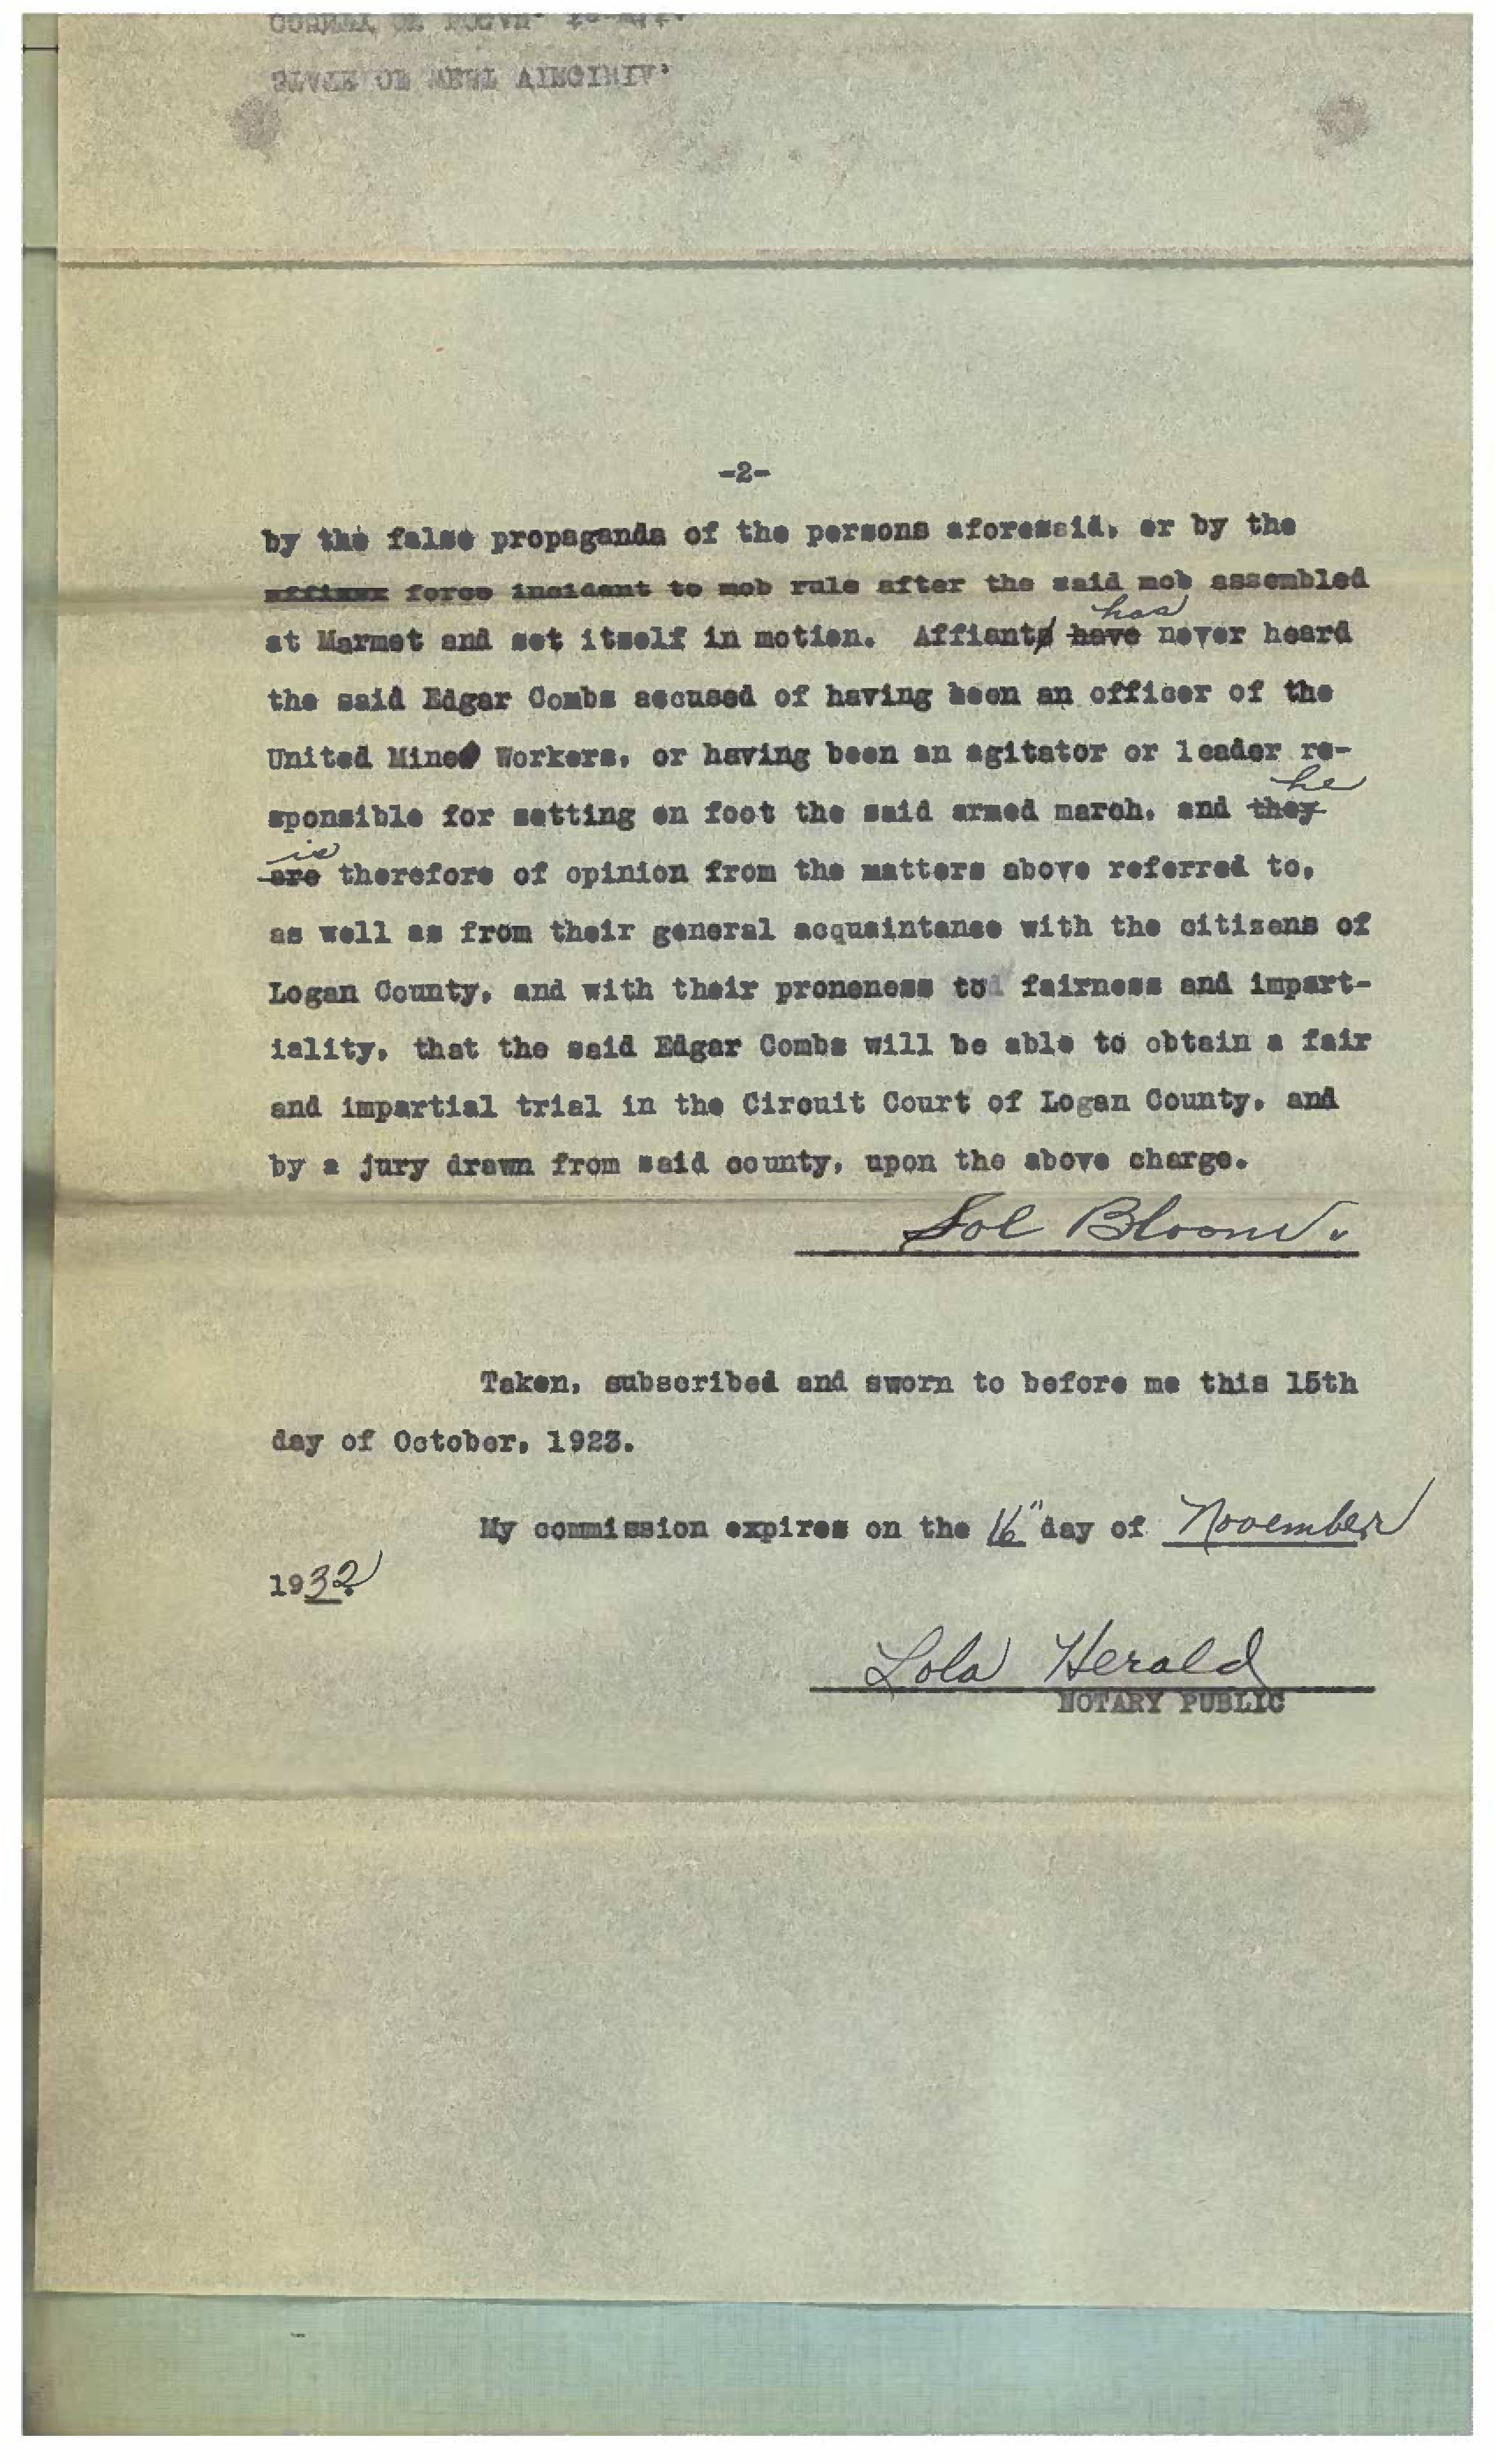 Document 7-2